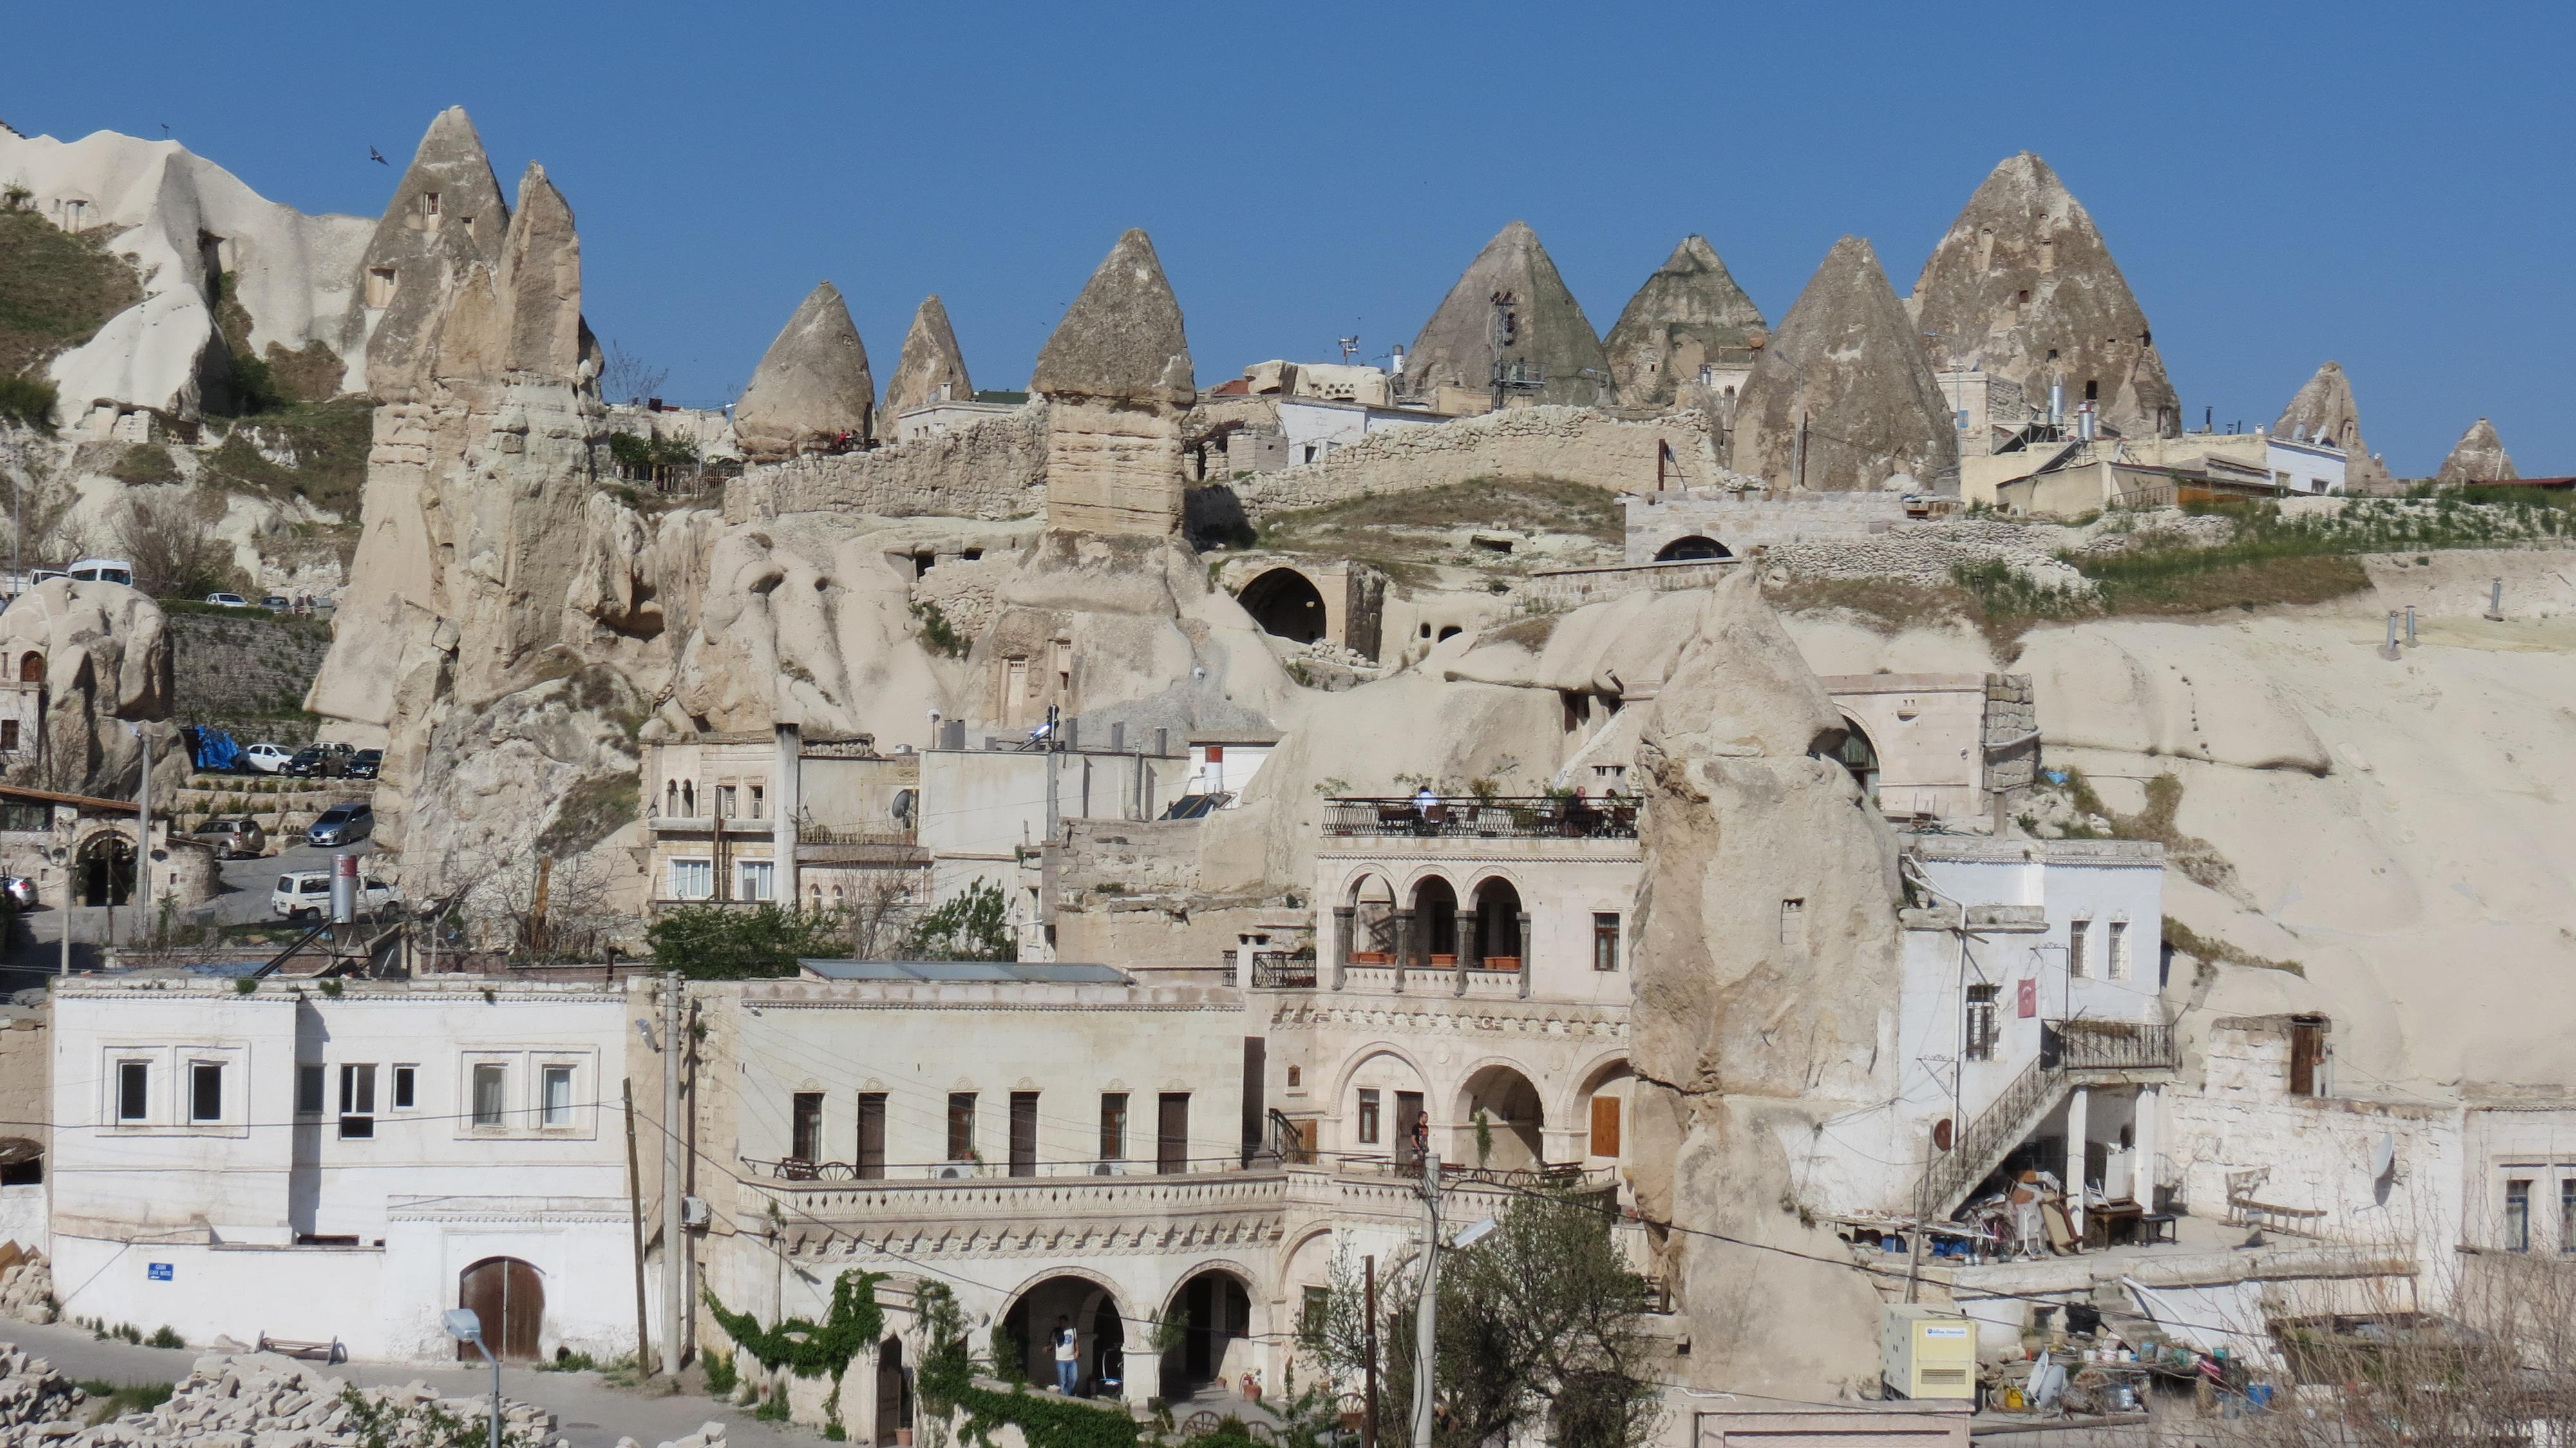 Luca Errera, Daniela Trastulli, Turchia, Cappadocia, Goreme